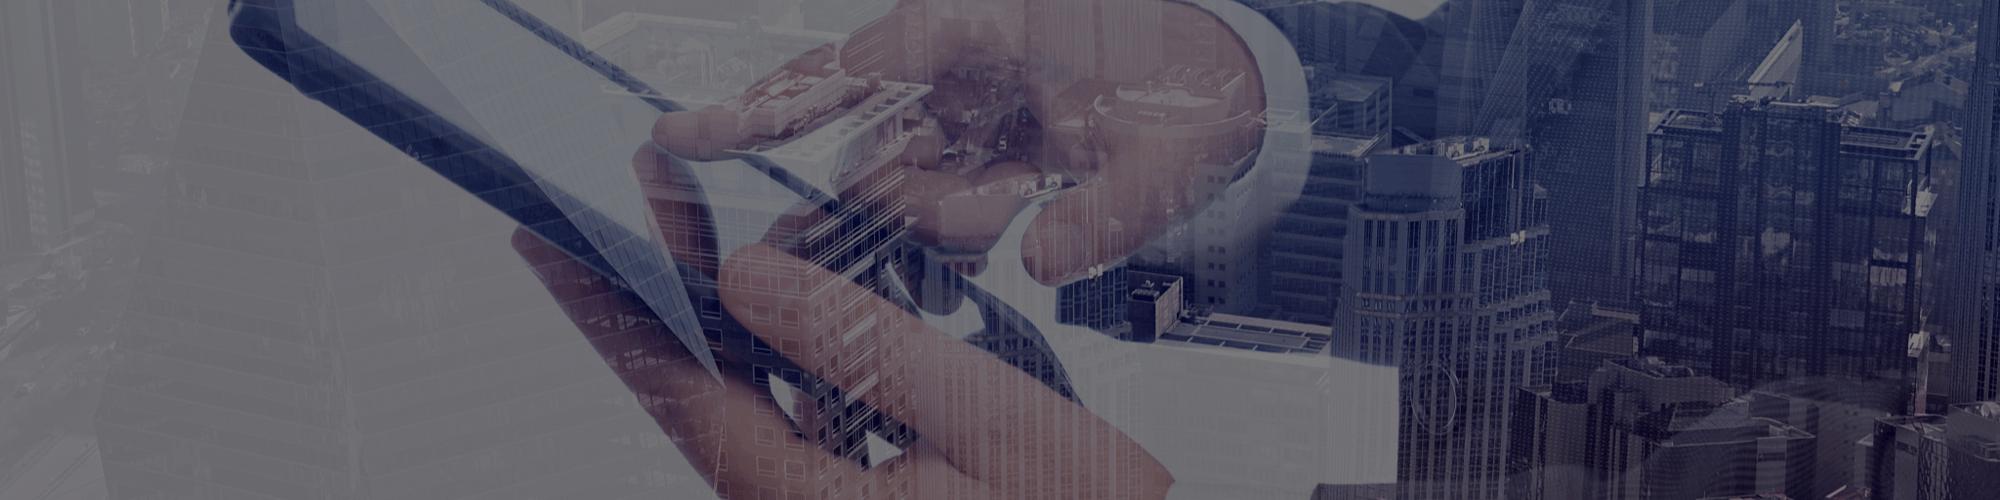 iControl跟单 - 免费外贸跟单软件 - 贸点点验货验厂